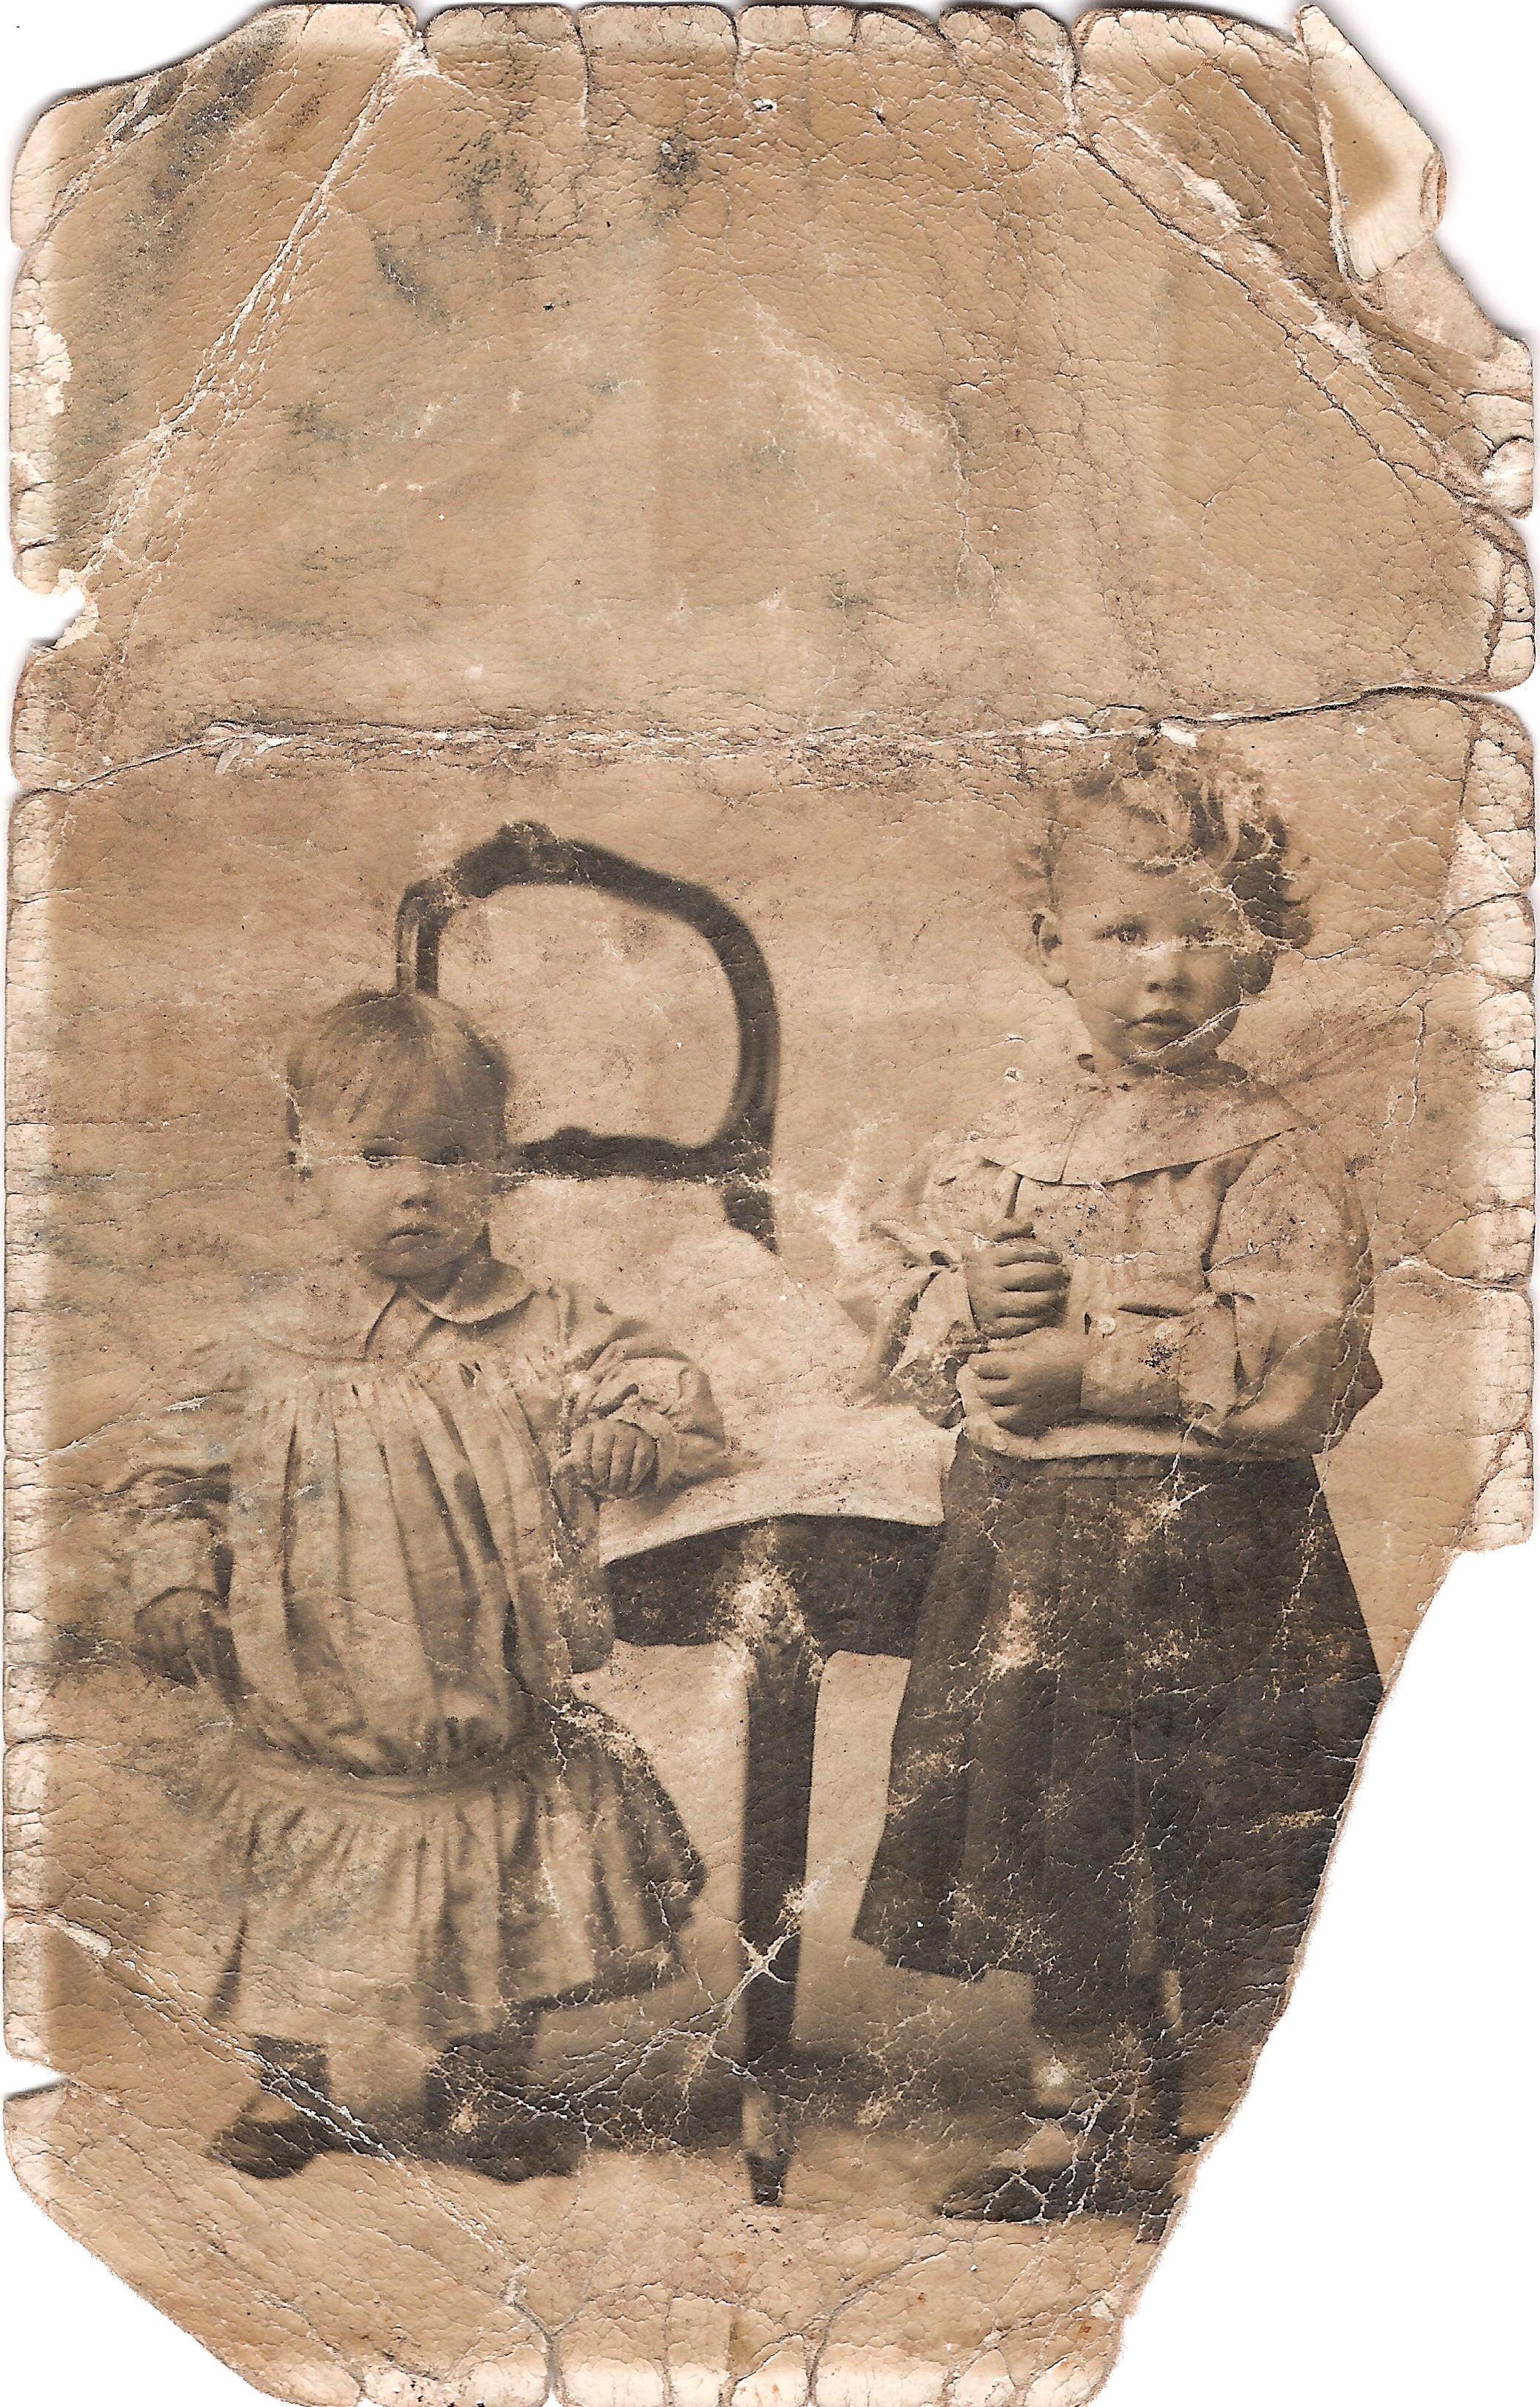 1911+- Gretta, Griff